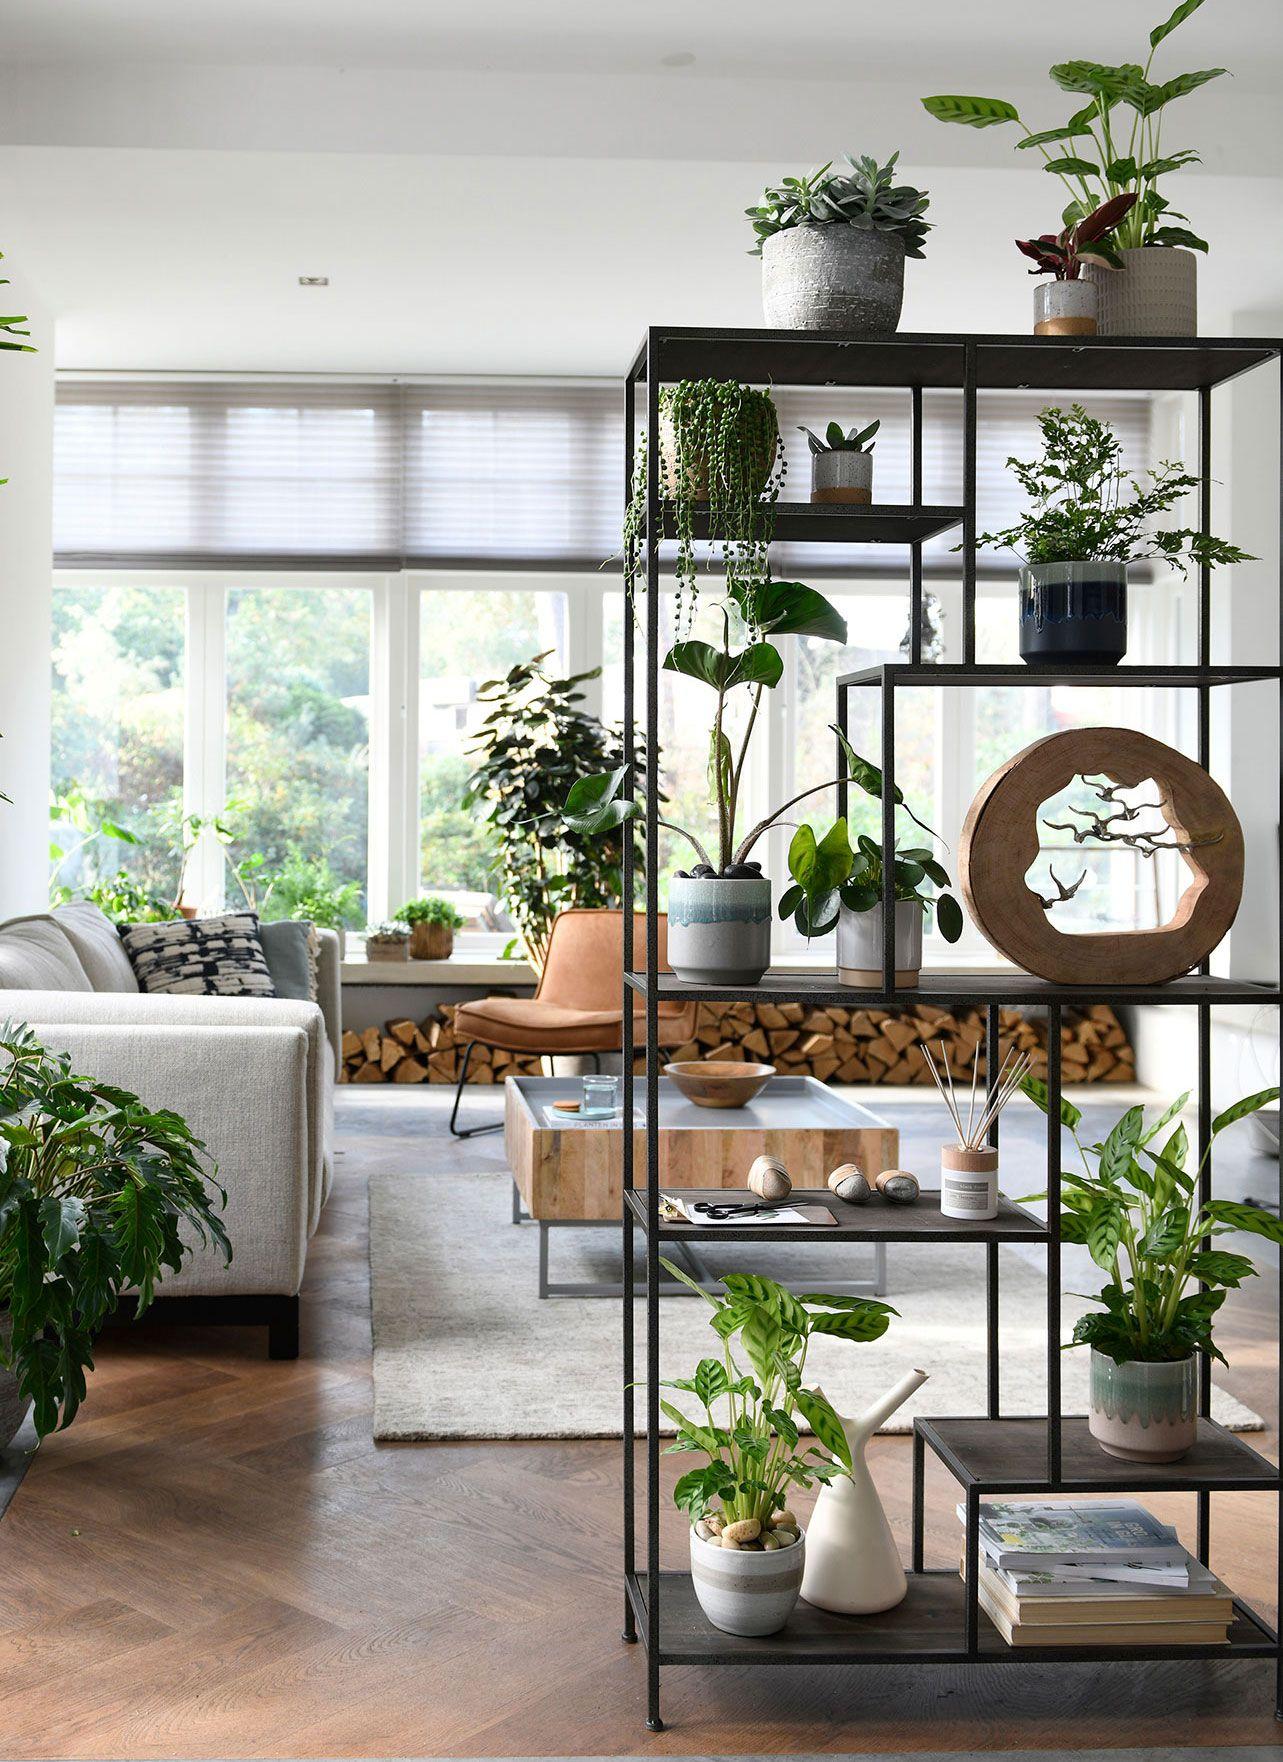 Kamerplanten Op Elke Plek In Huis De Woonkamer. Grote En